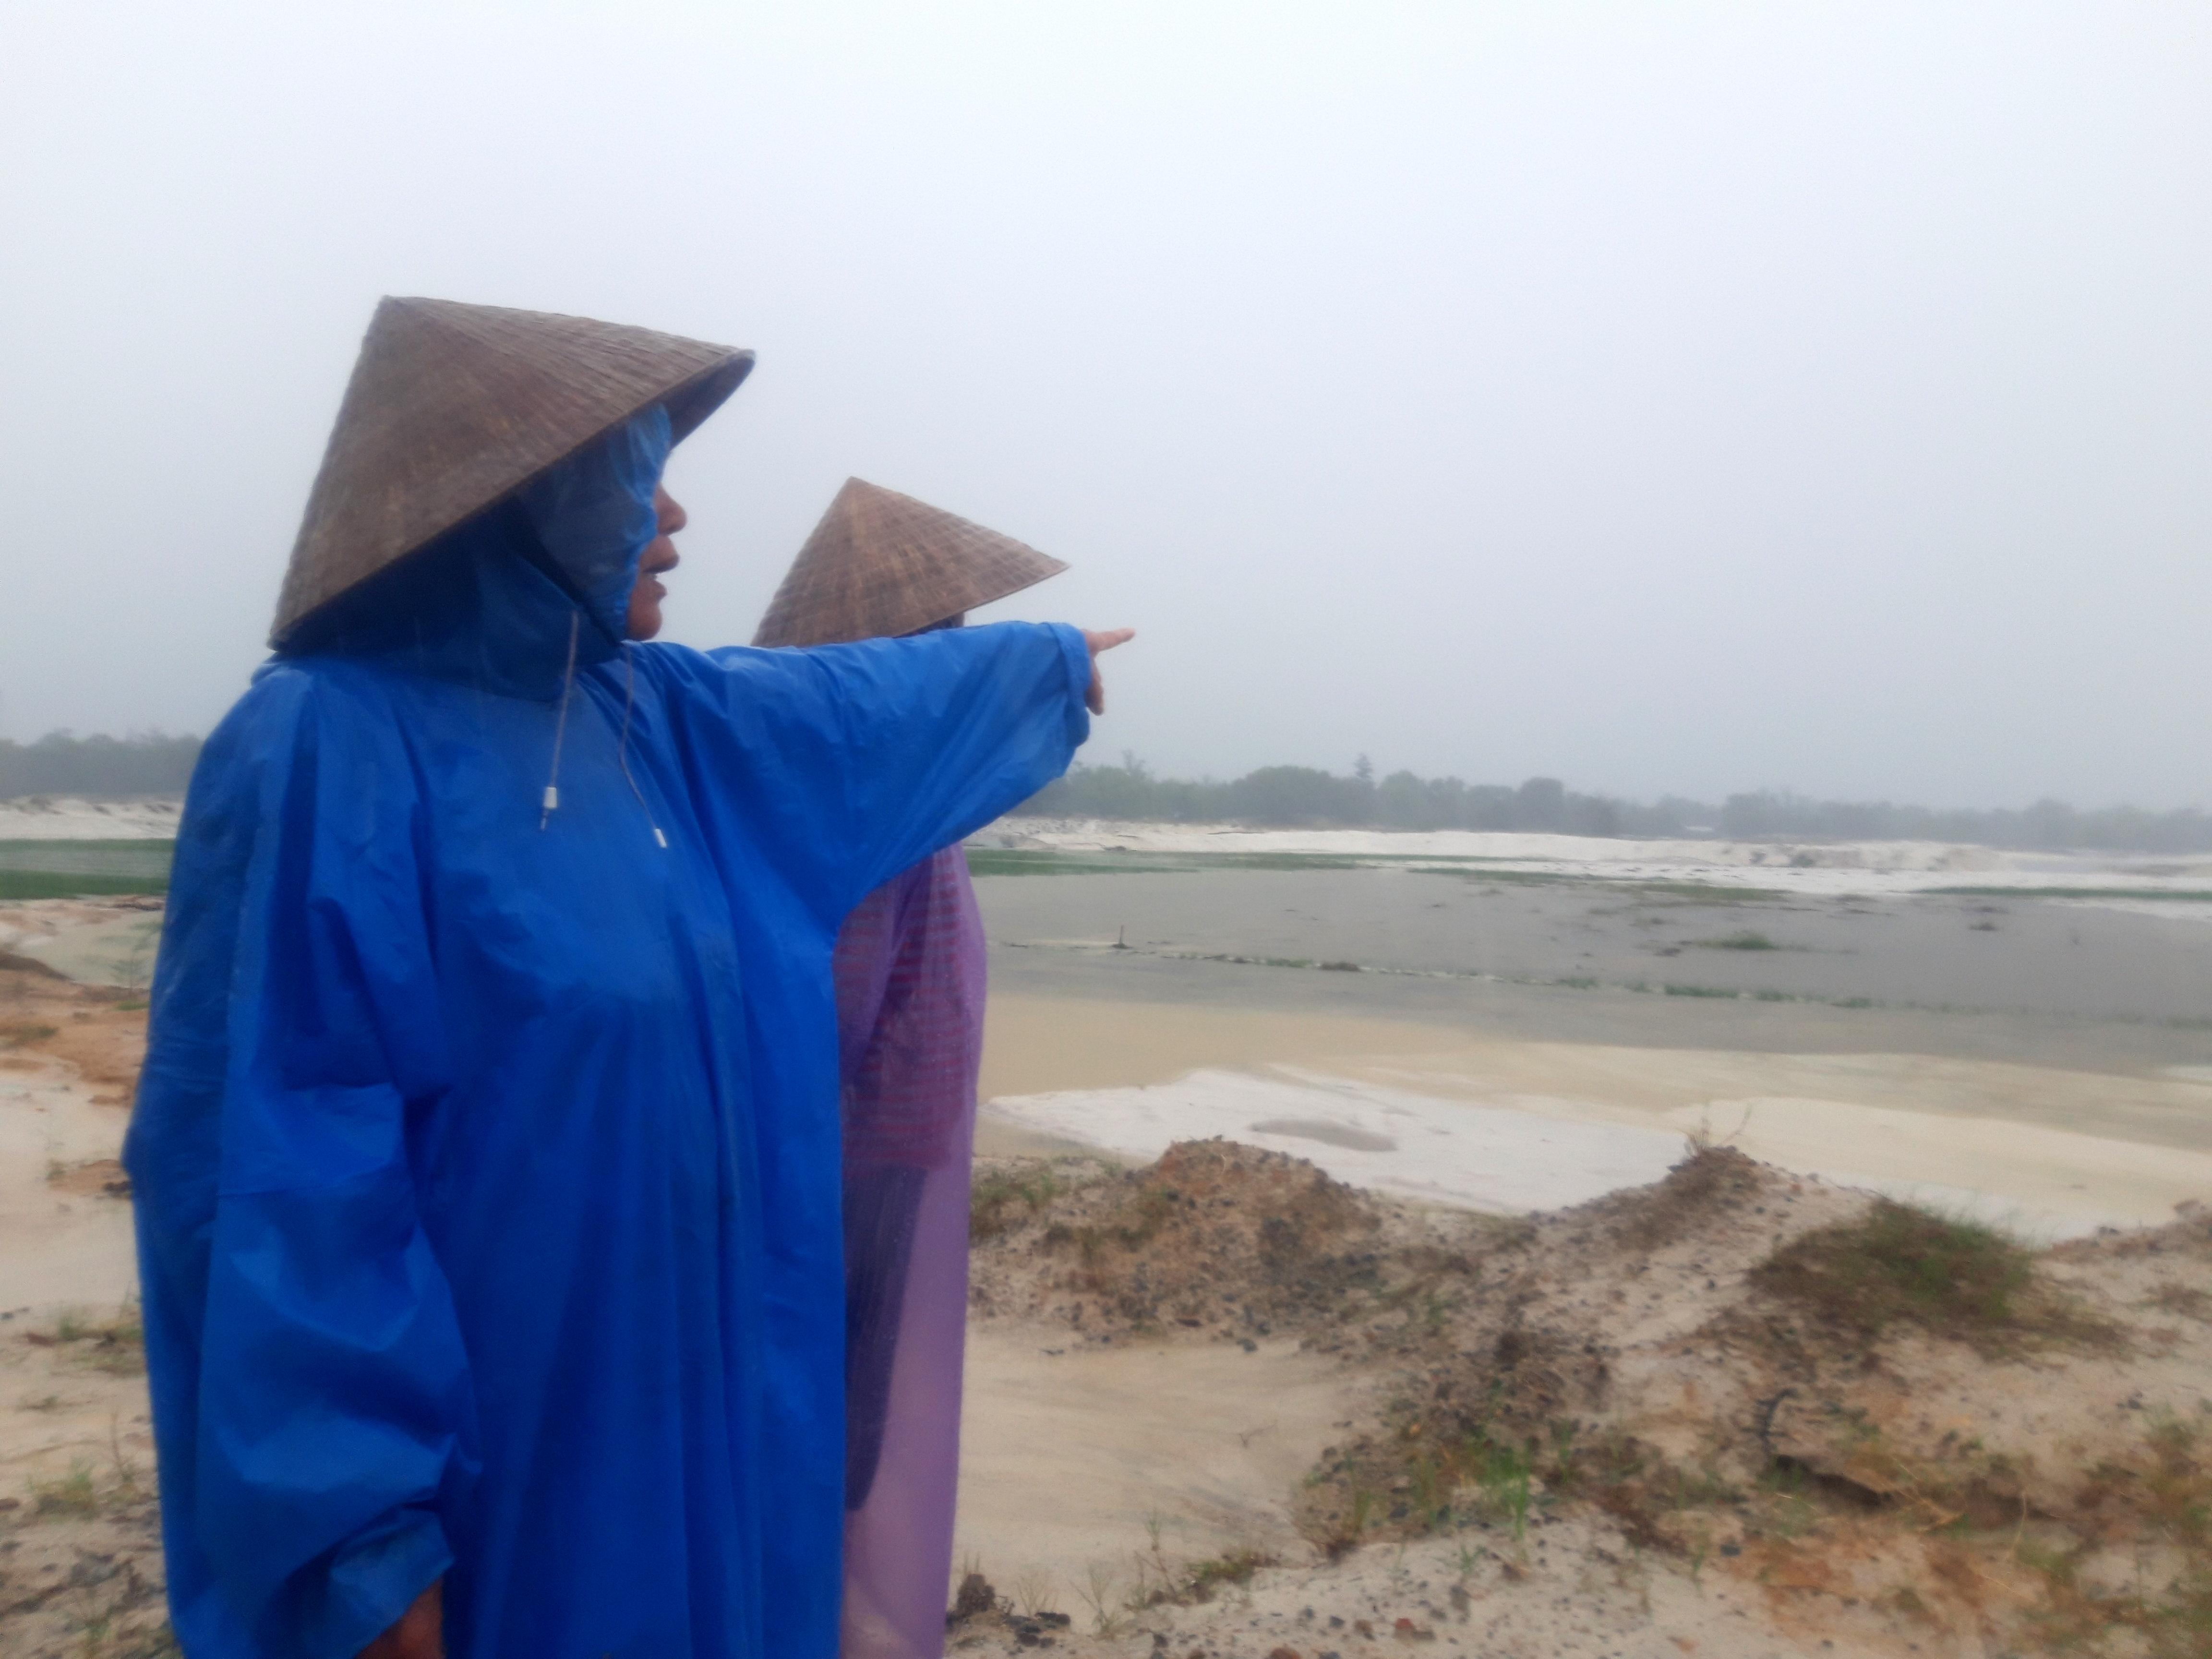 Người dân xã Bình Giang bất lực nhìn ruộng bị bồi lấp . Ảnh: Hồ Quân